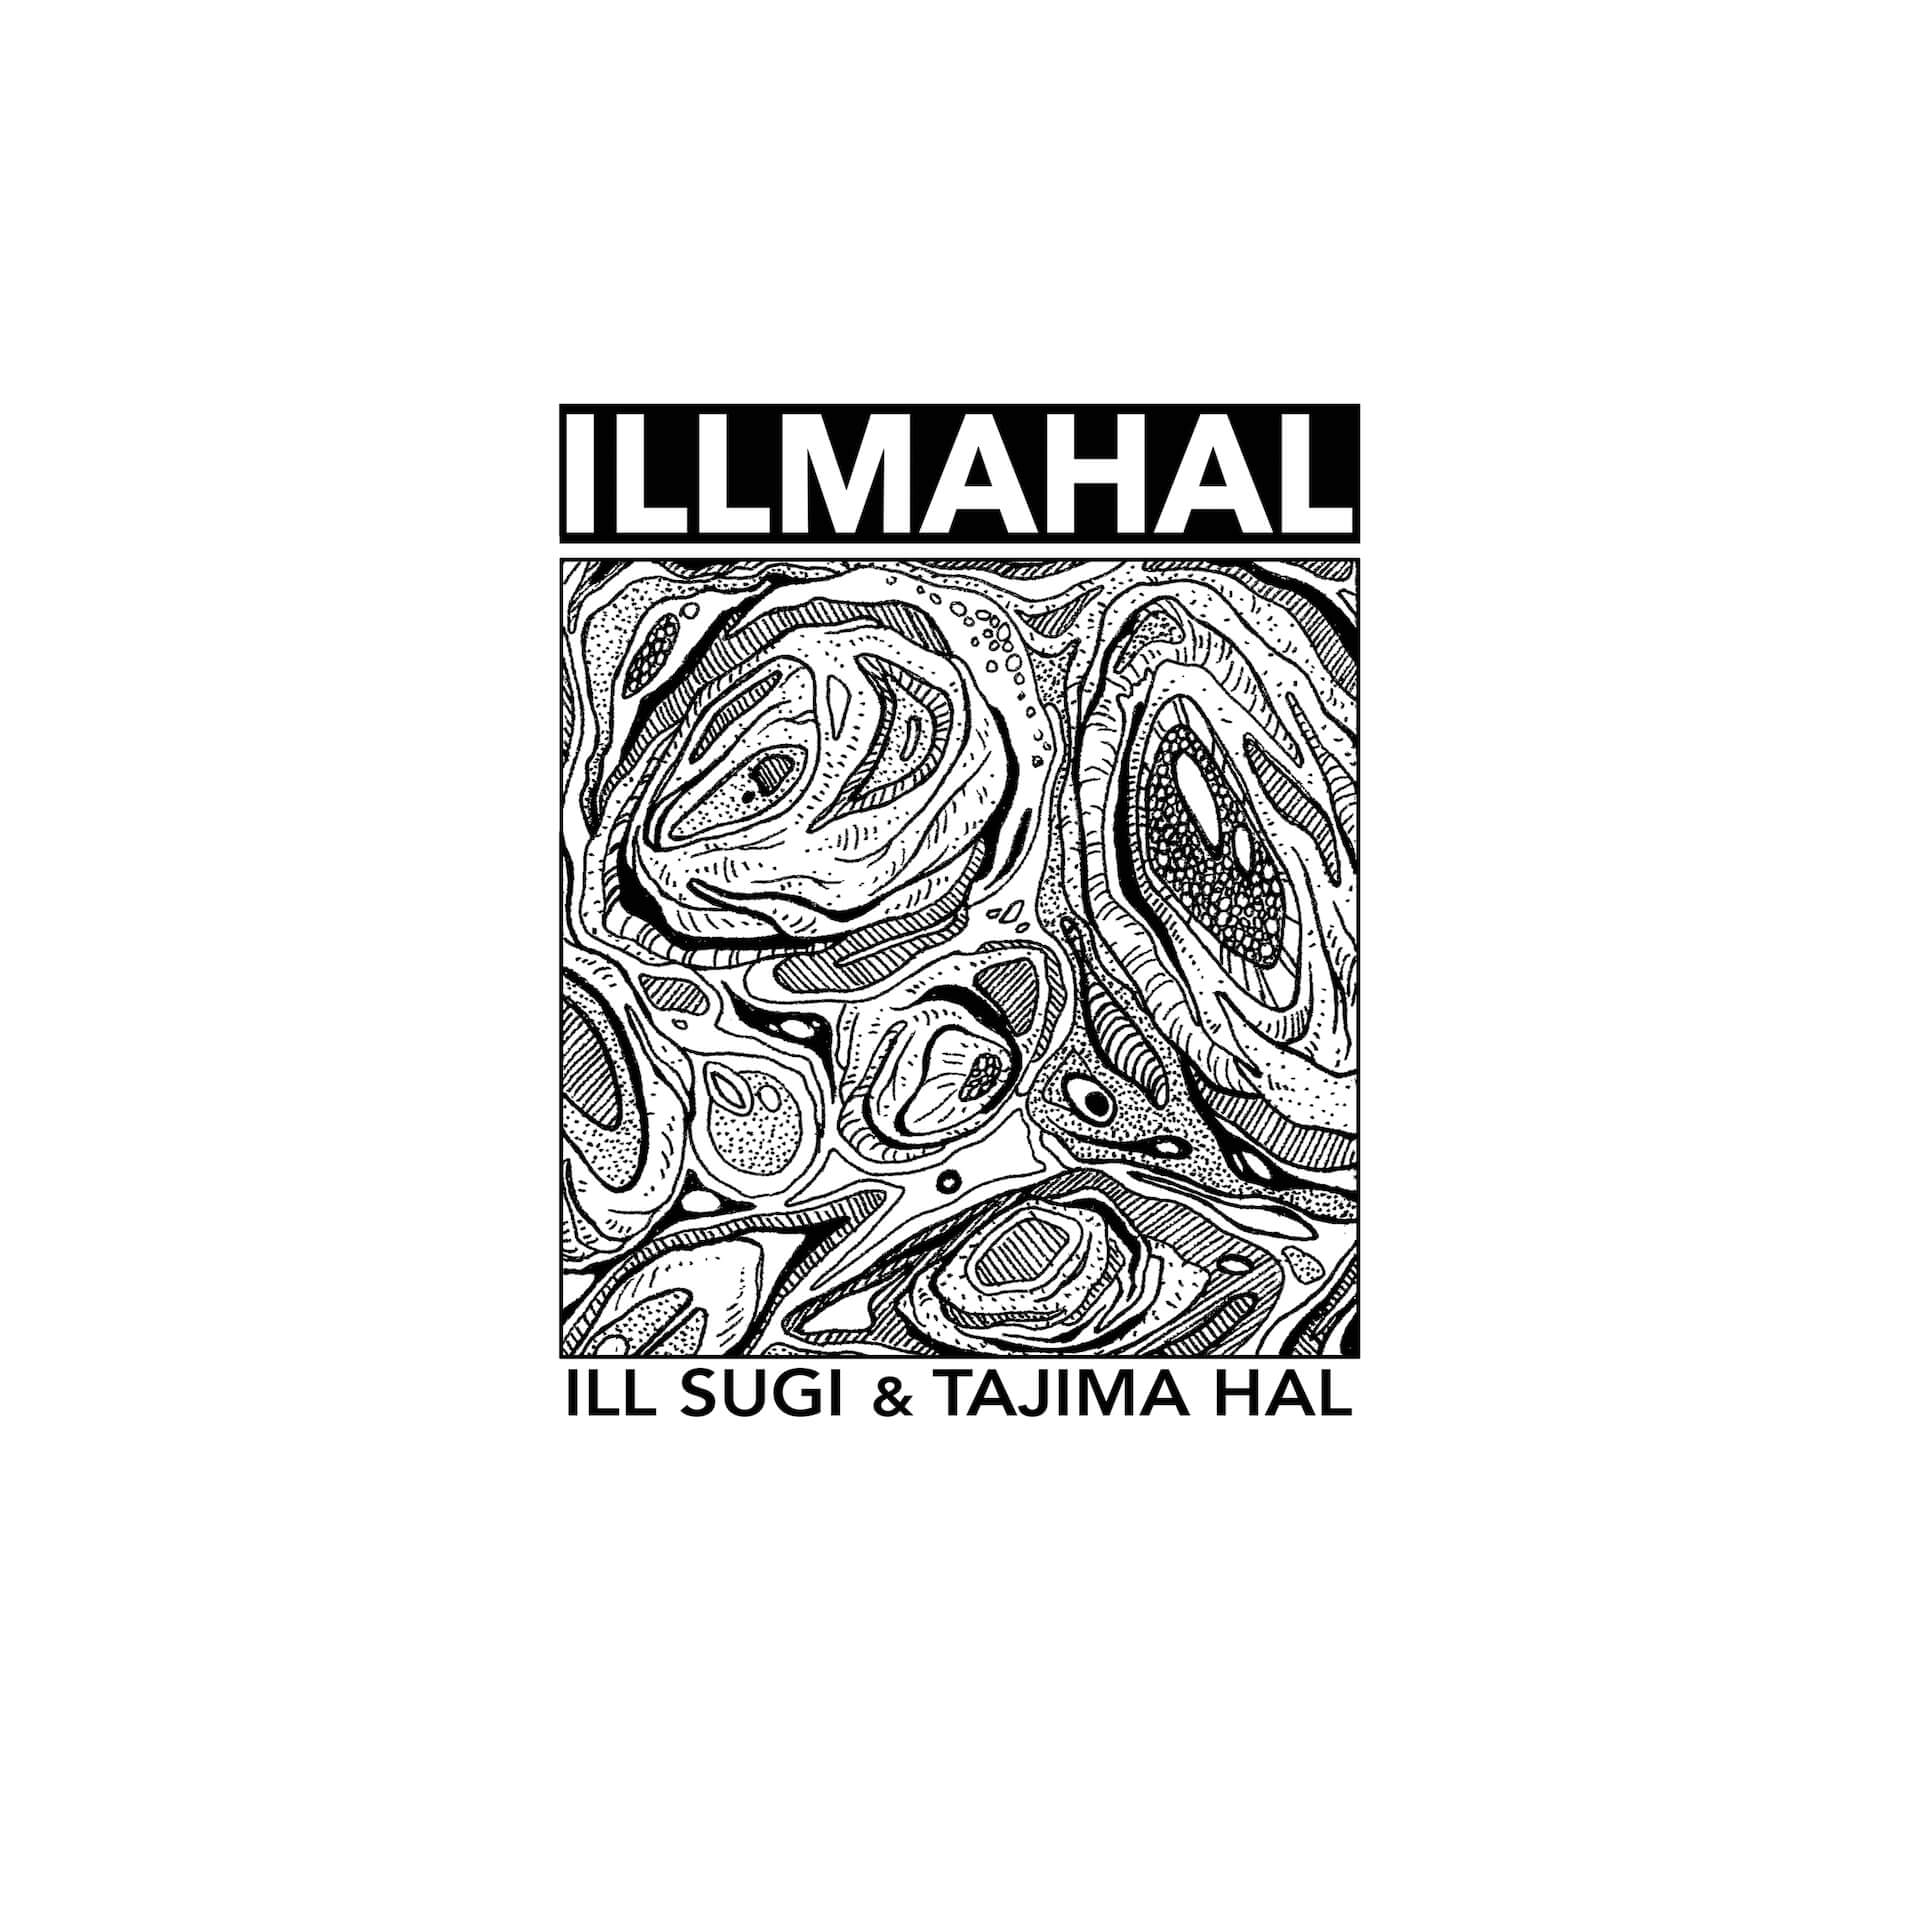 tajima halとILL SUGIのジョイント作『ILLMAHAL』が明日4月20日リリース!カセット&CDも発売 music210419_illmahal_2